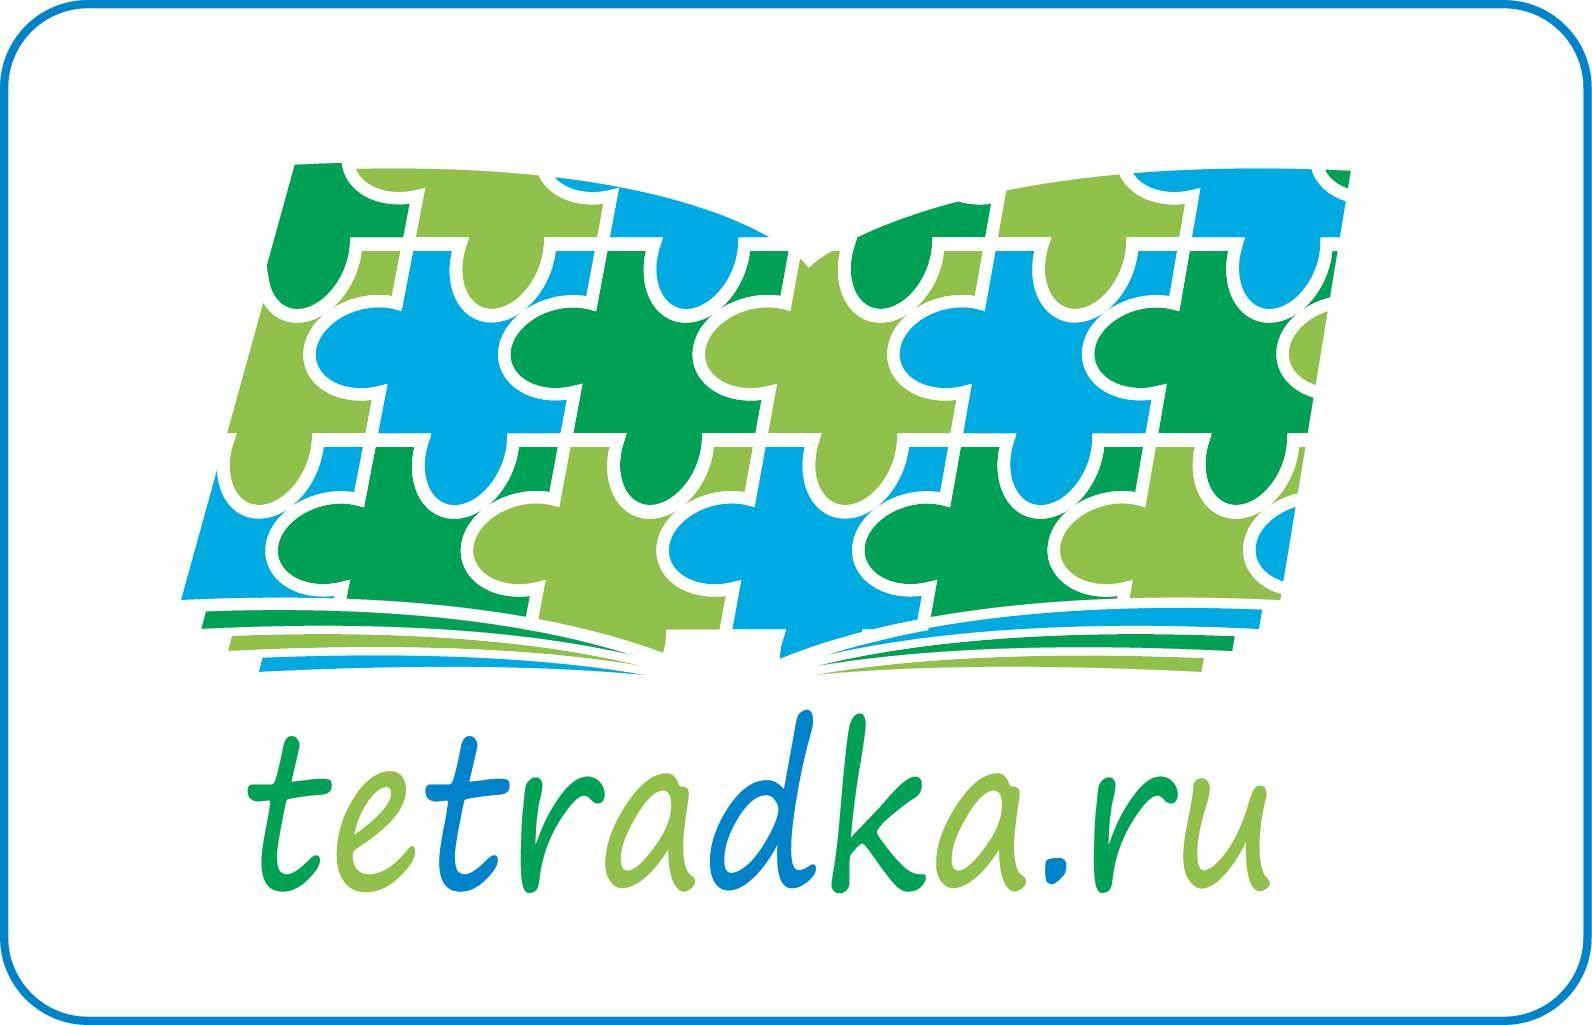 Логотип для образовательной сети tetradka.ru - дизайнер Kitayanki